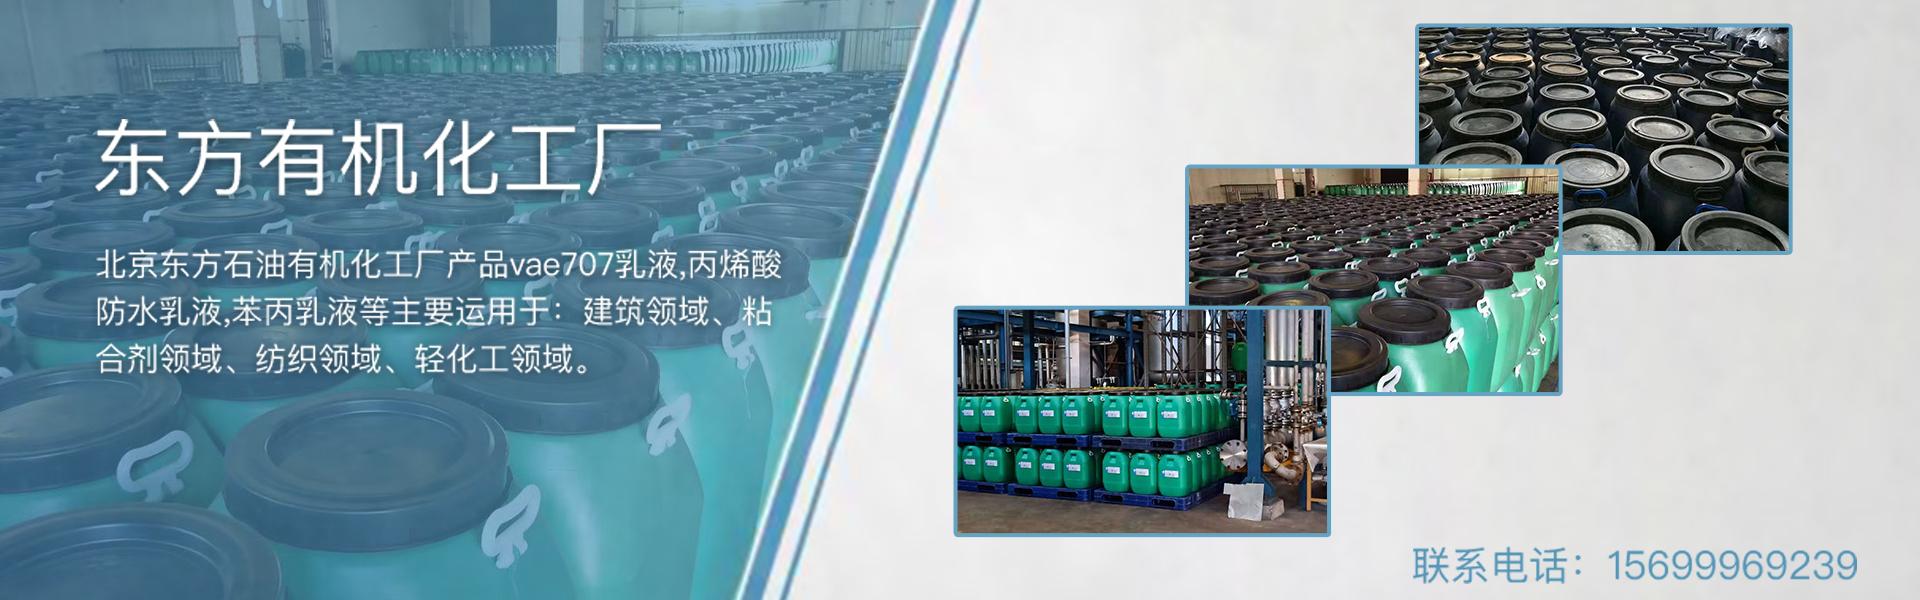 北京vae707乳液